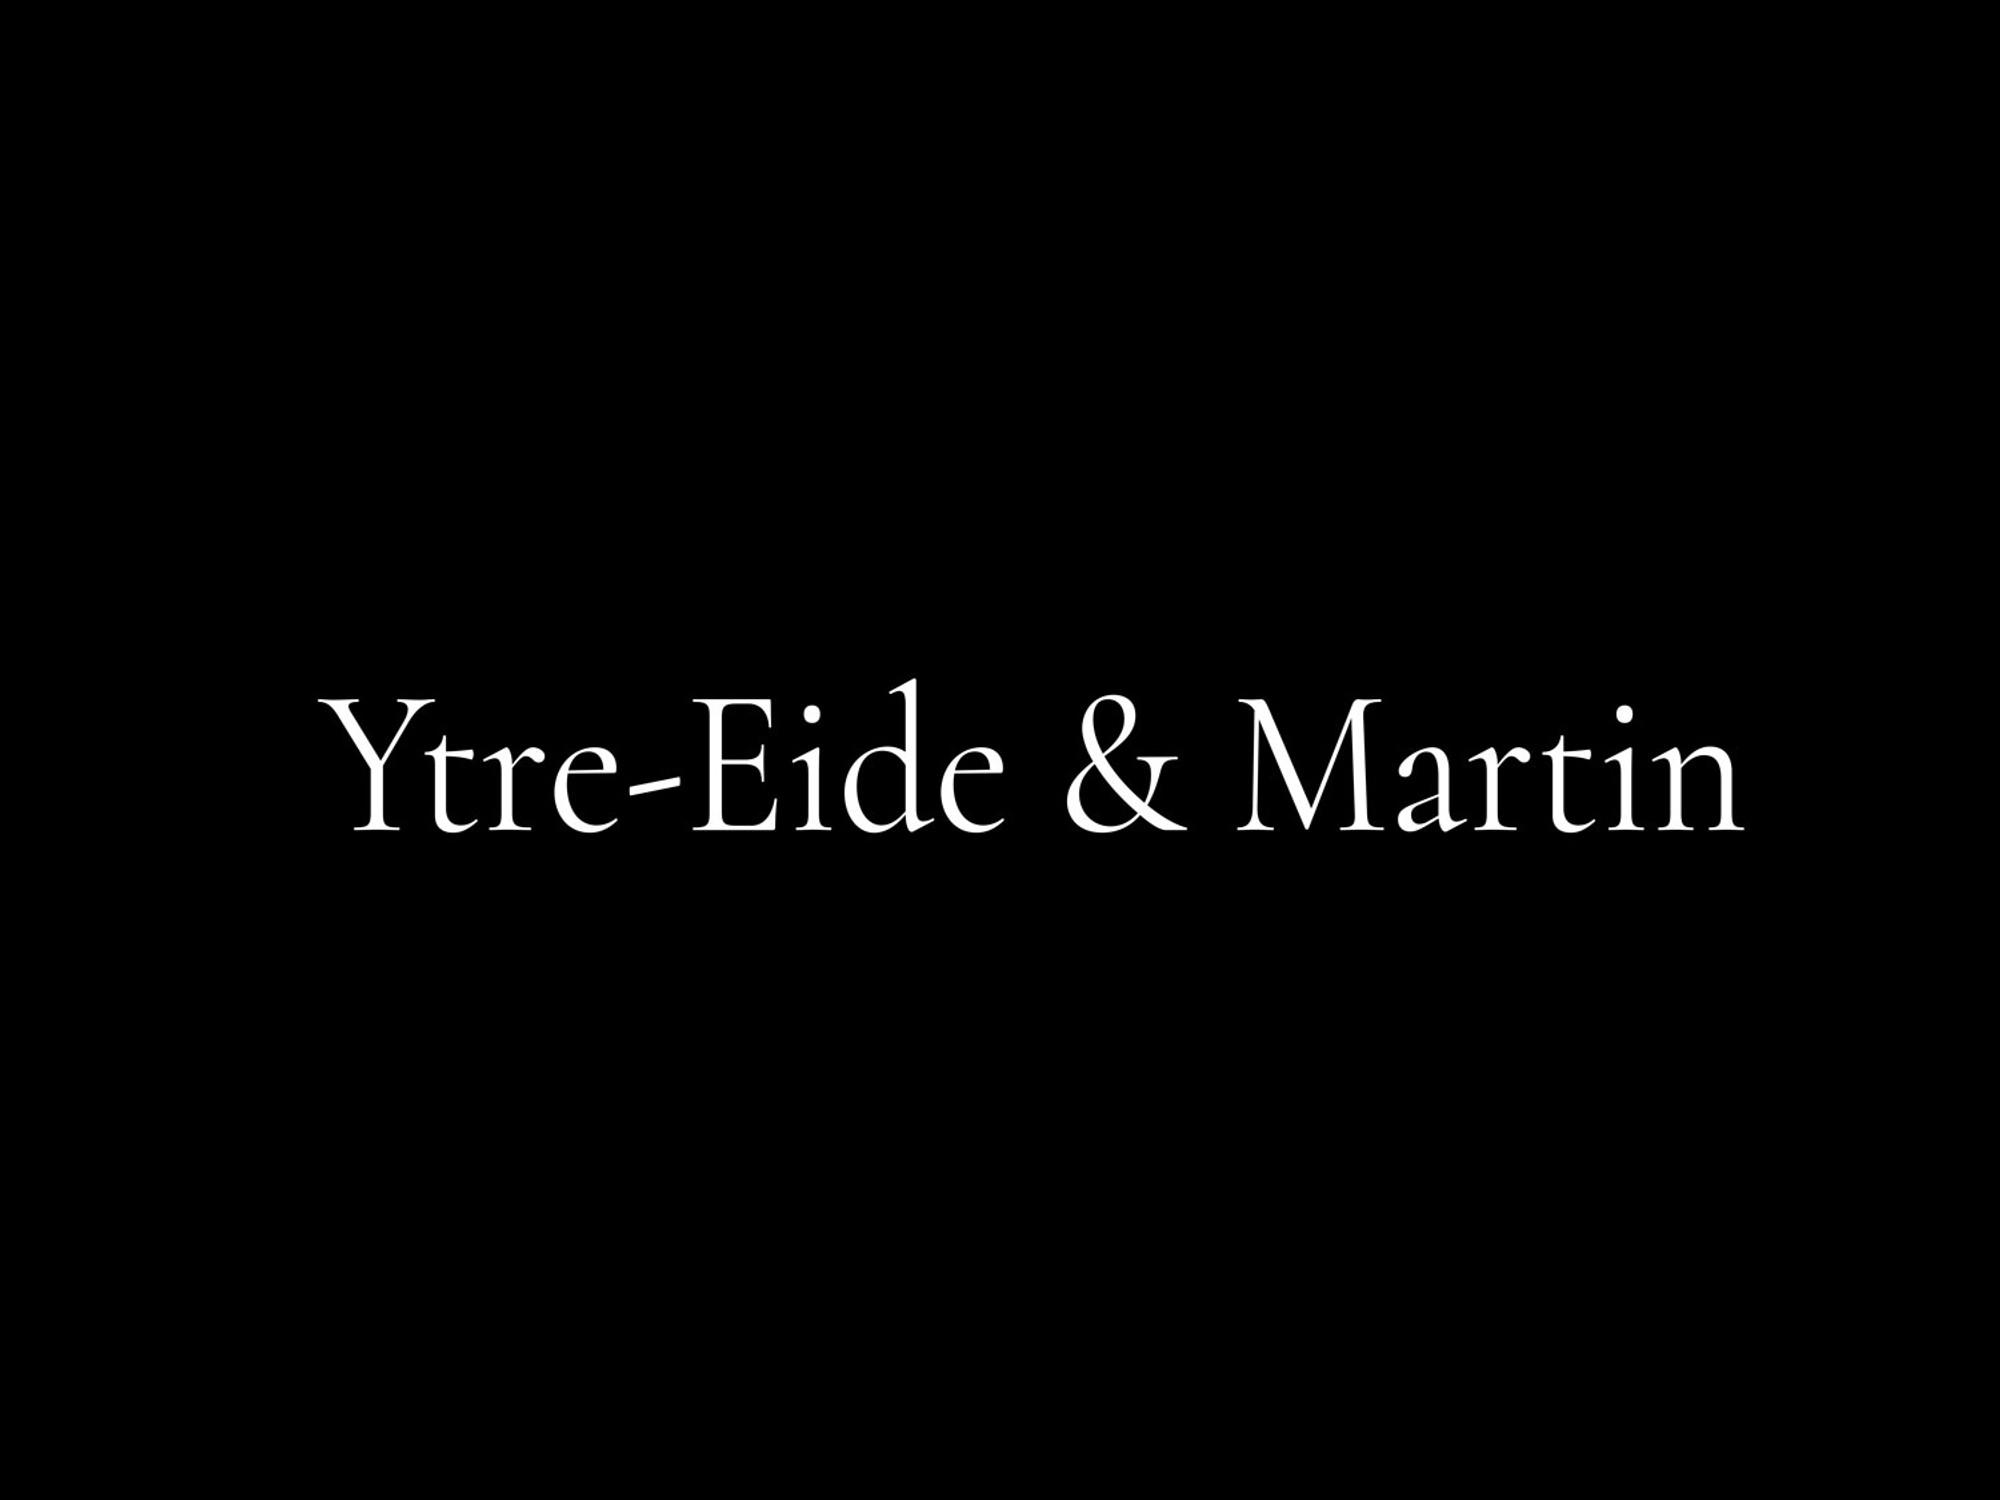 Ytre-Eide & Martin